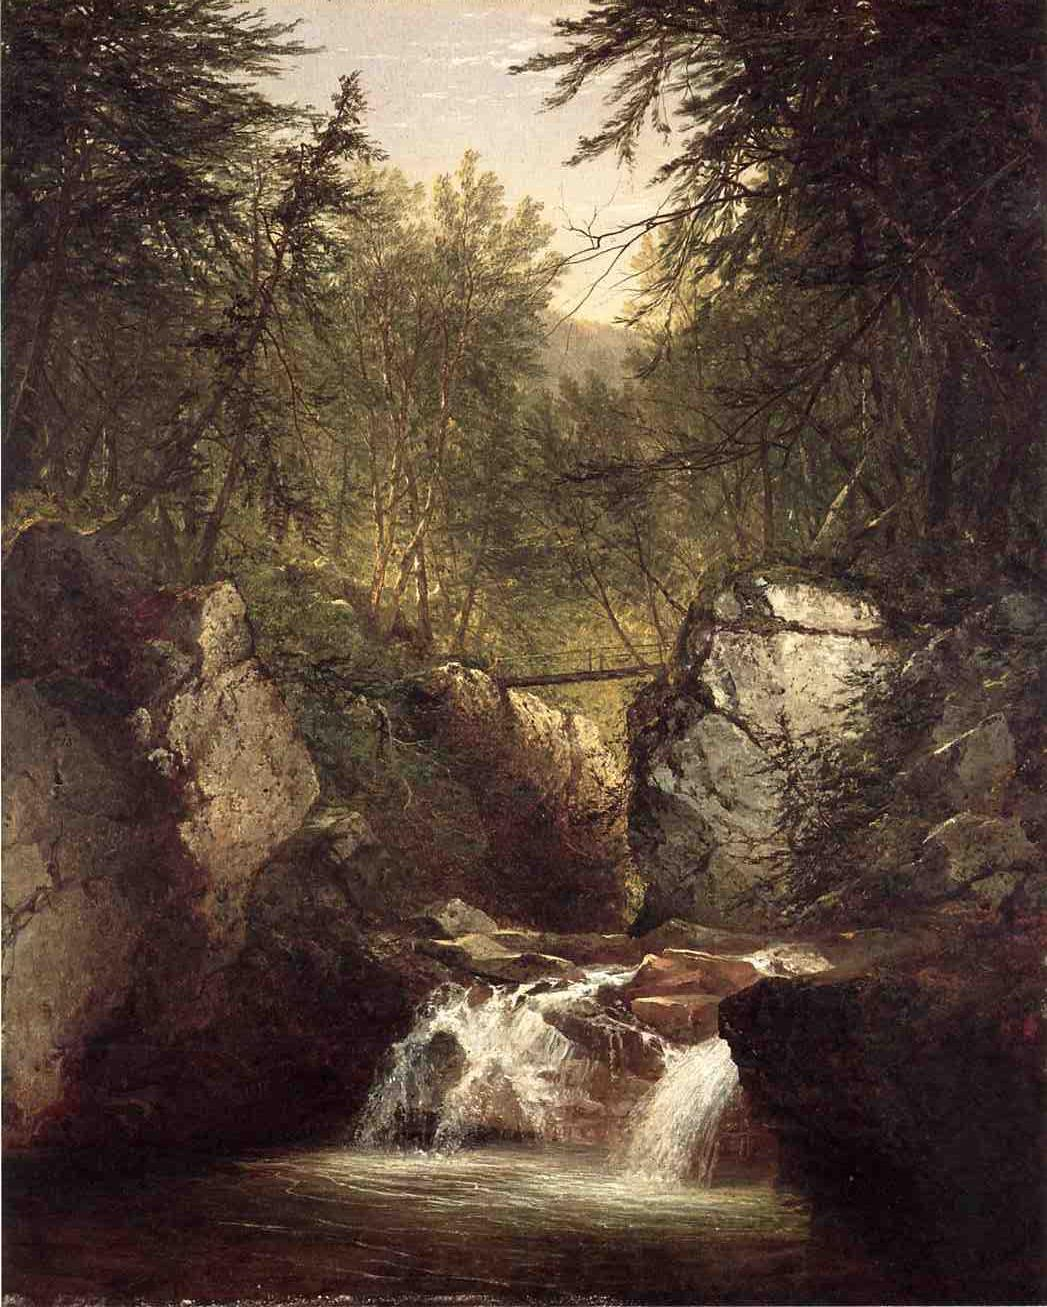 Bash Bish Falls 1855 | John Frederick Kensett | Oil Painting